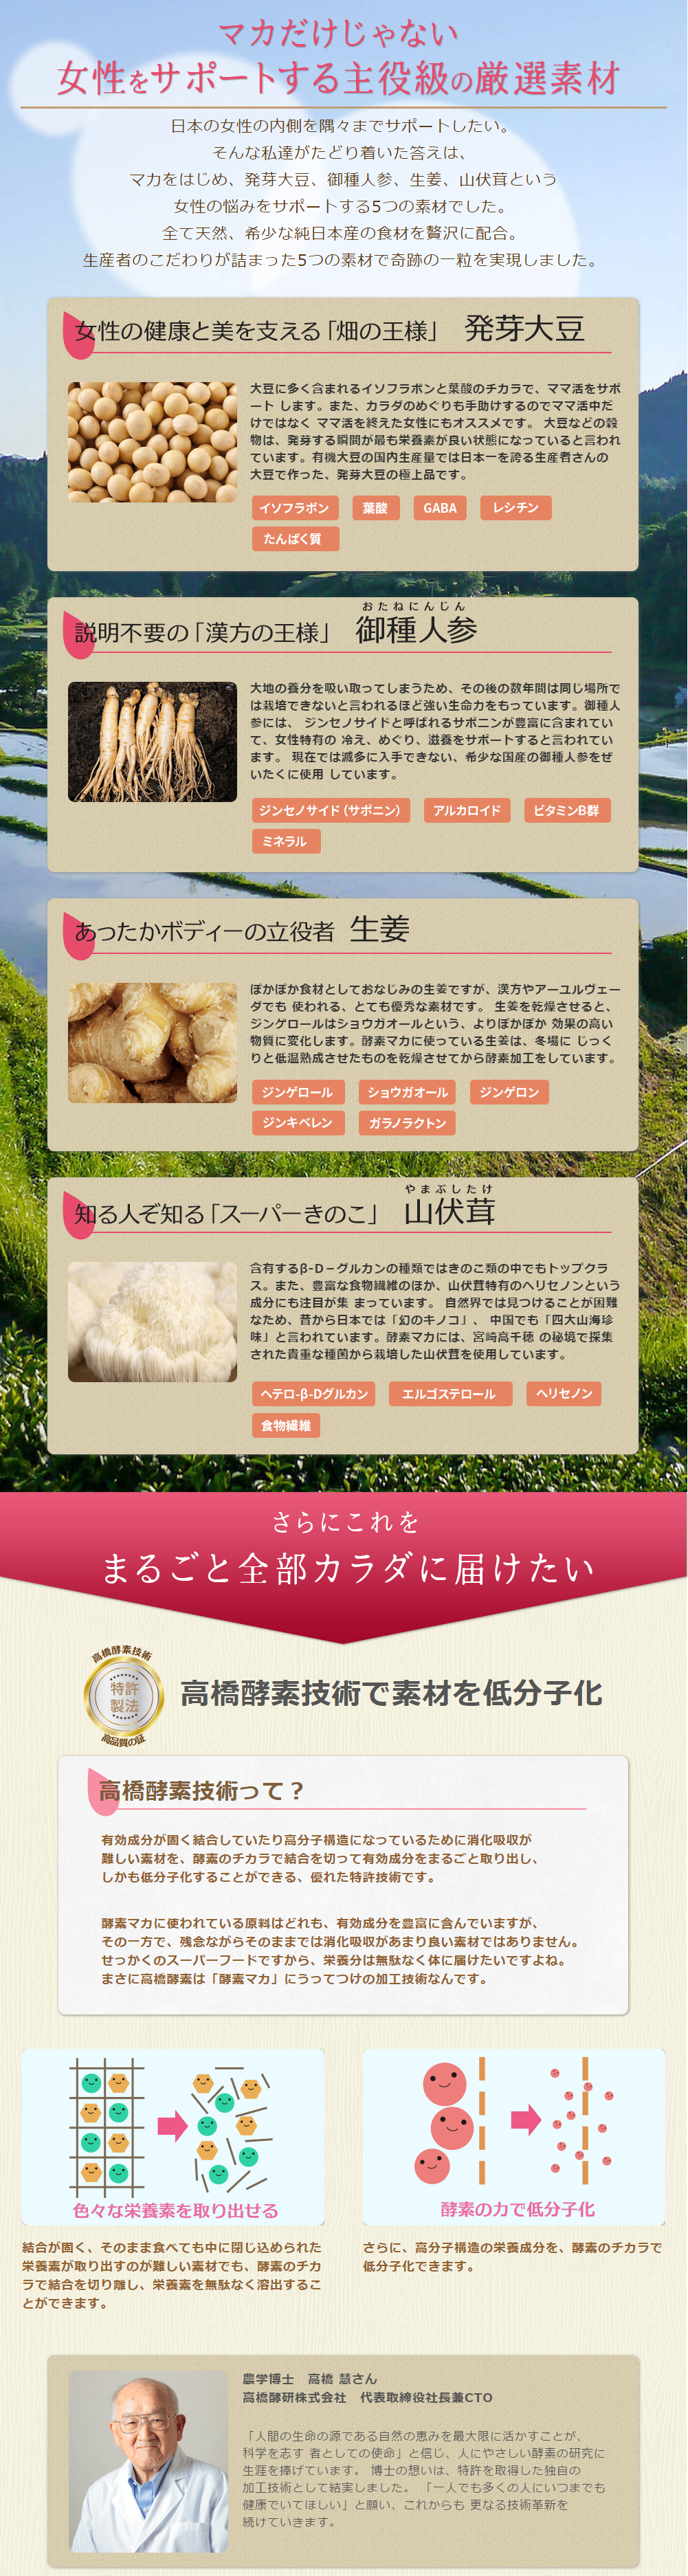 ママ活・妊活サプリ【酵素マカ】の効果と実績について04